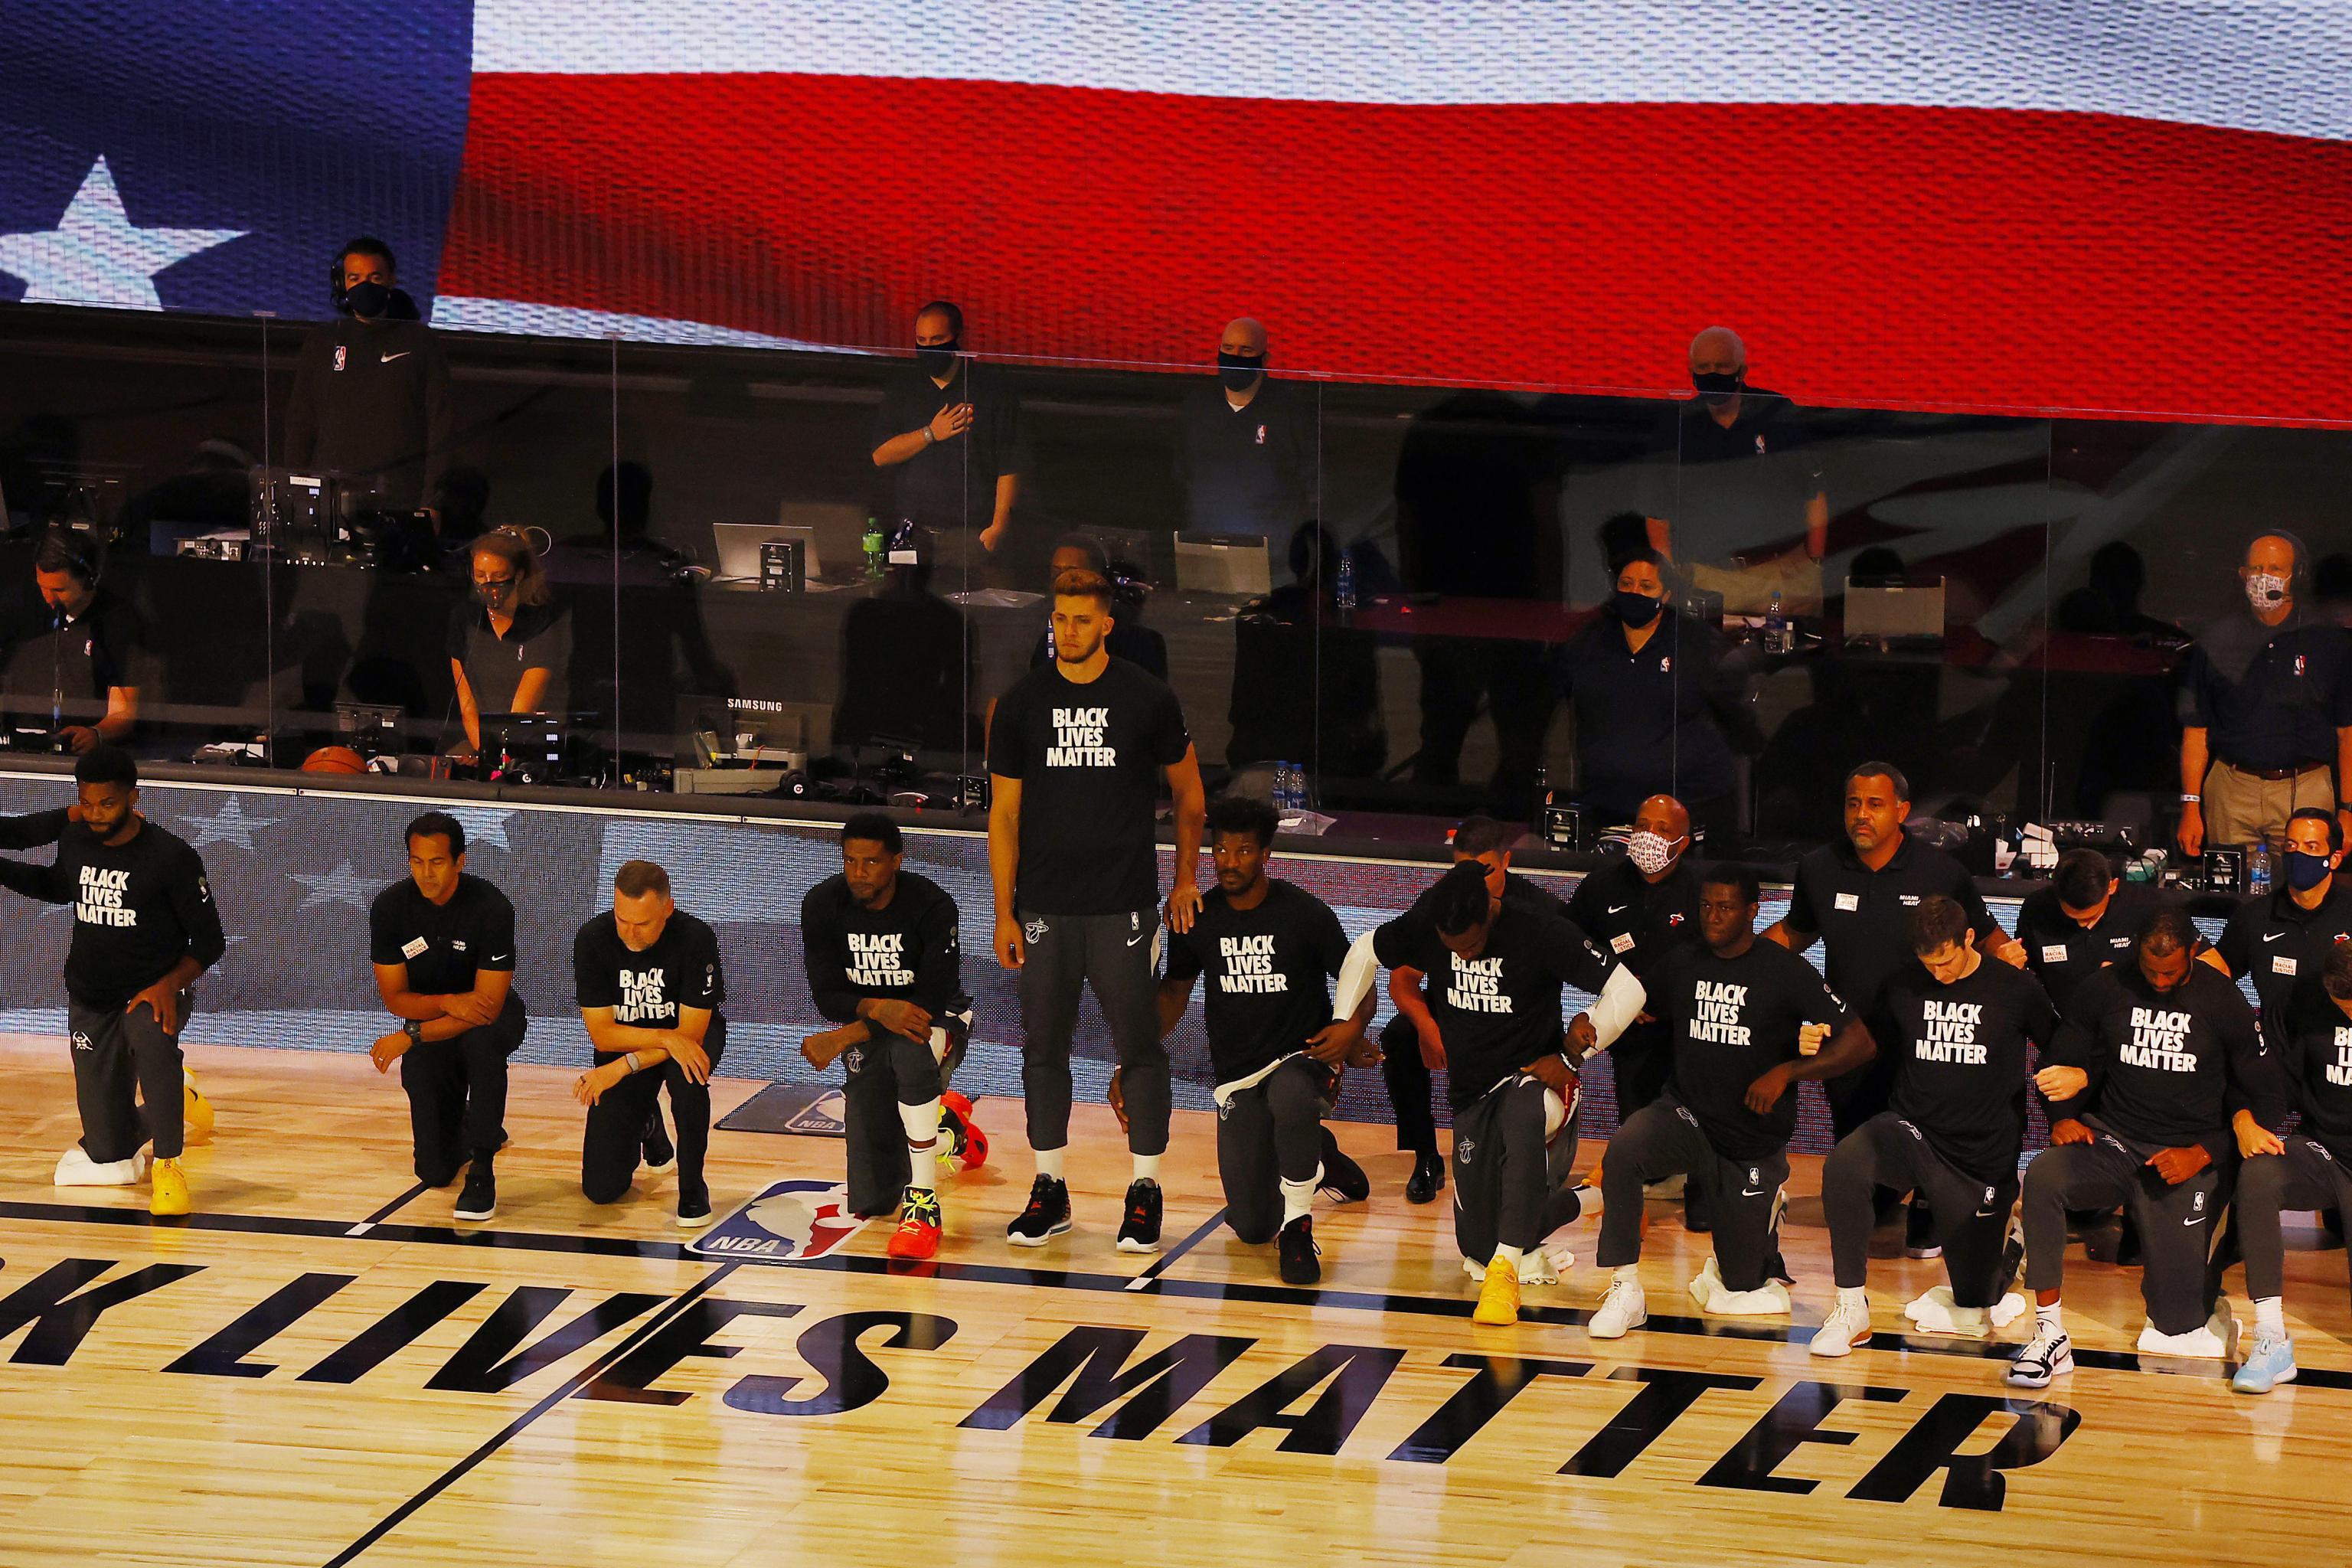 熱火中鋒遭冷藏3場,鐵打的首發被封殺?曝此事或與黑人事件有關!-黑特籃球-NBA新聞影音圖片分享社區